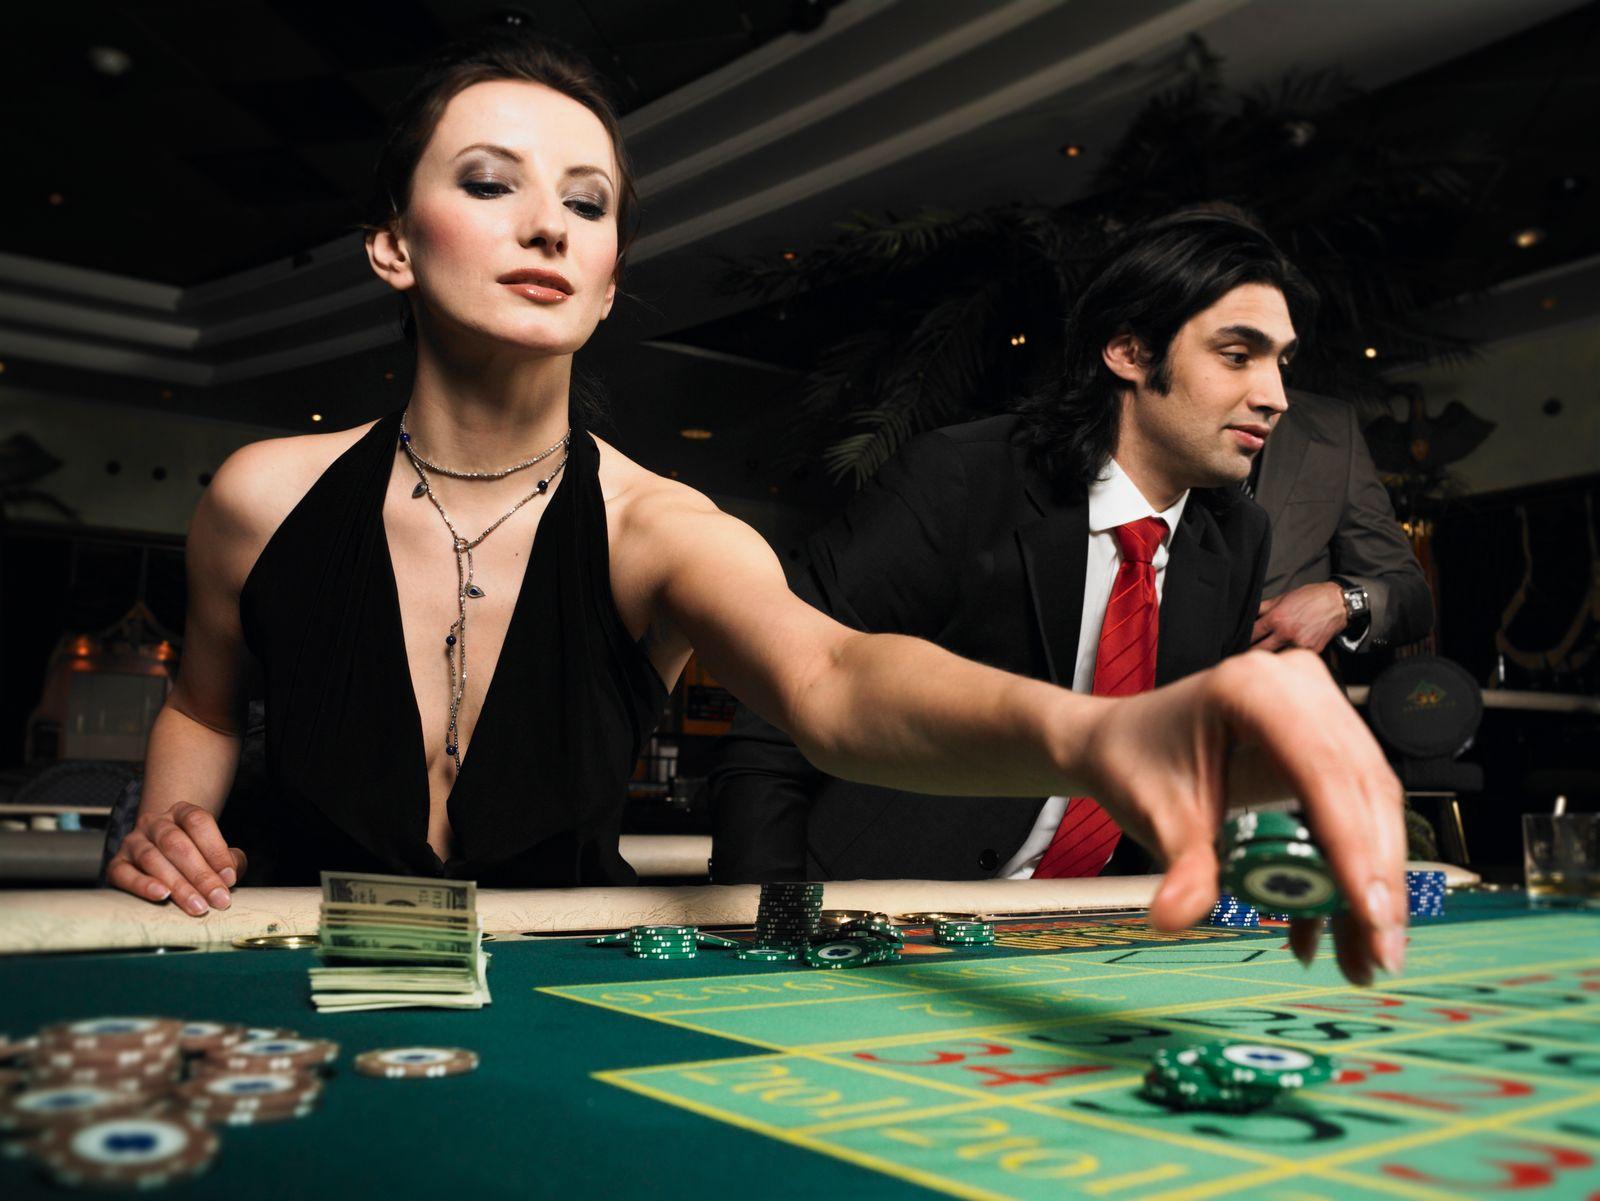 NICHT MEHR VERWENDEN! - Glücksspiel / Zufall / Bridge / Casino / Aktienpoker